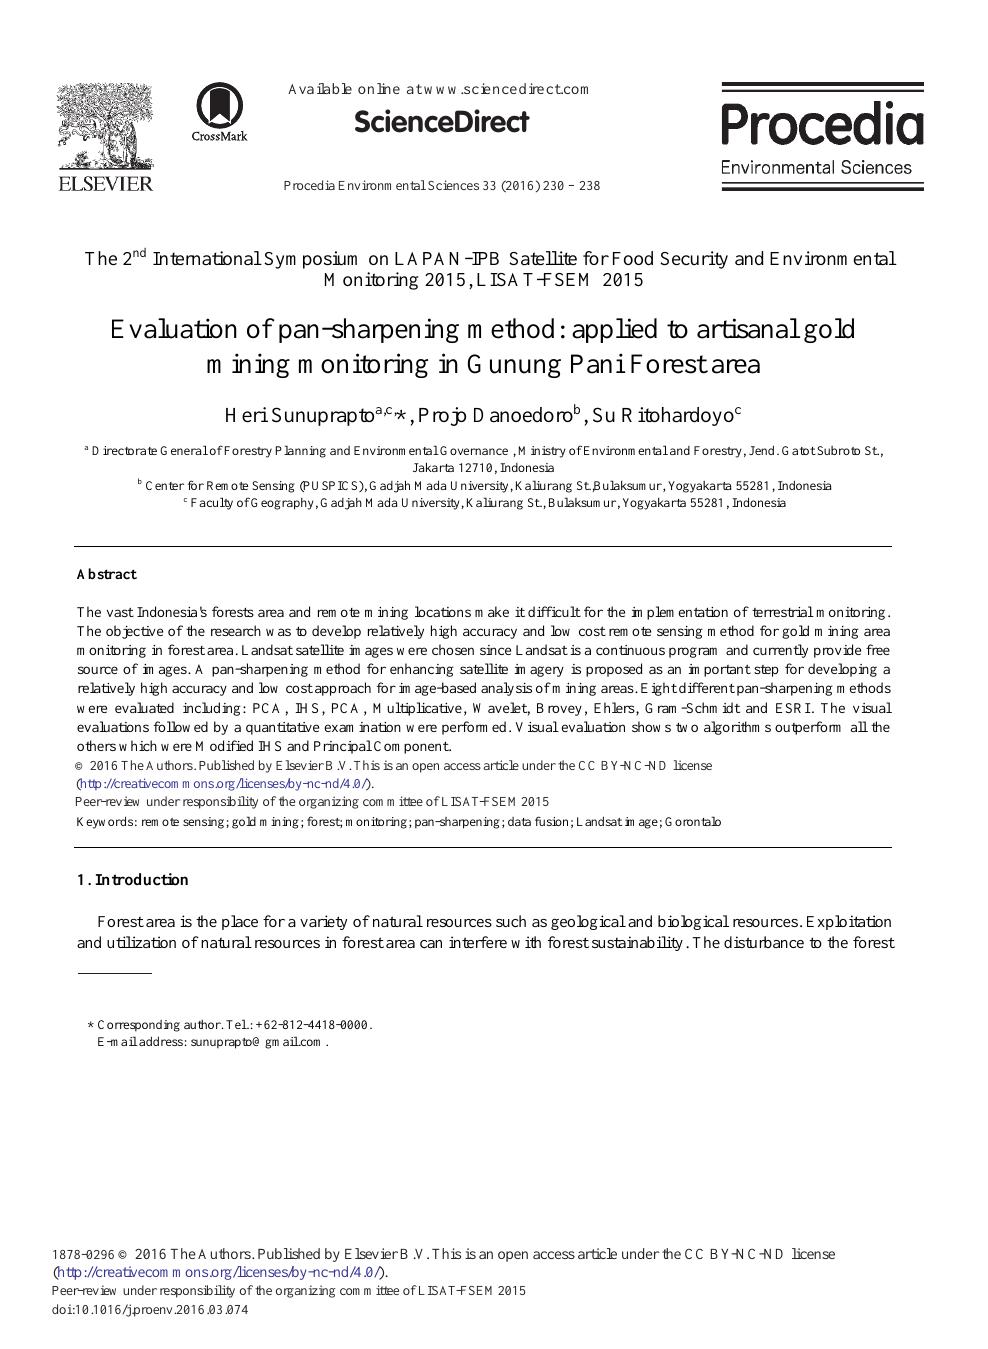 Evaluation of Pan-sharpening Method: Applied to Artisanal